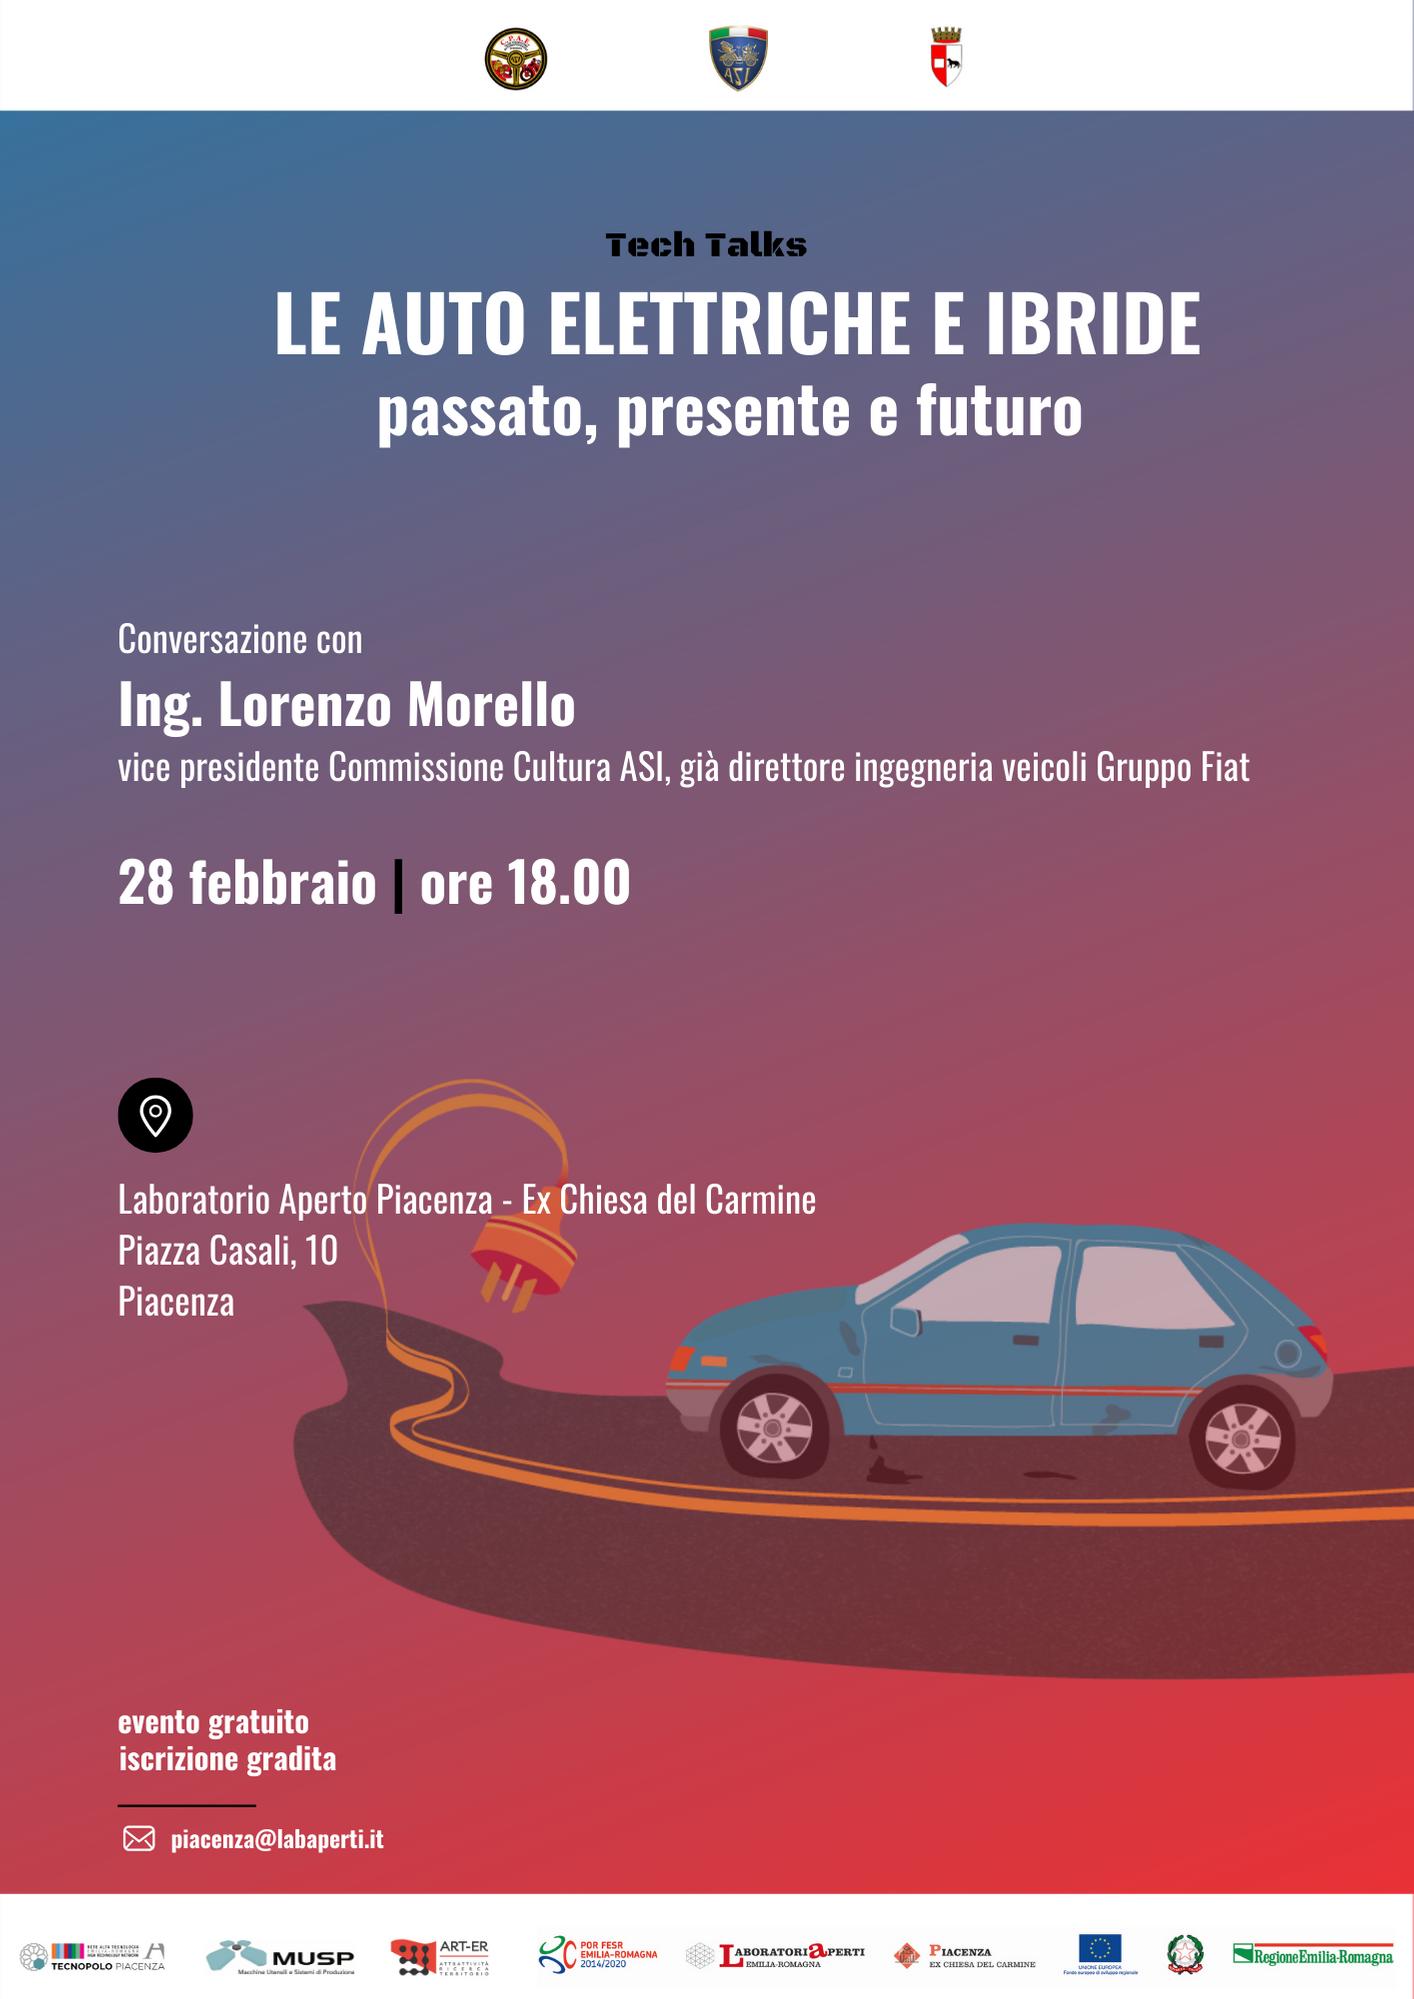 Le auto elettriche e ibride: passato, presente e futuro.